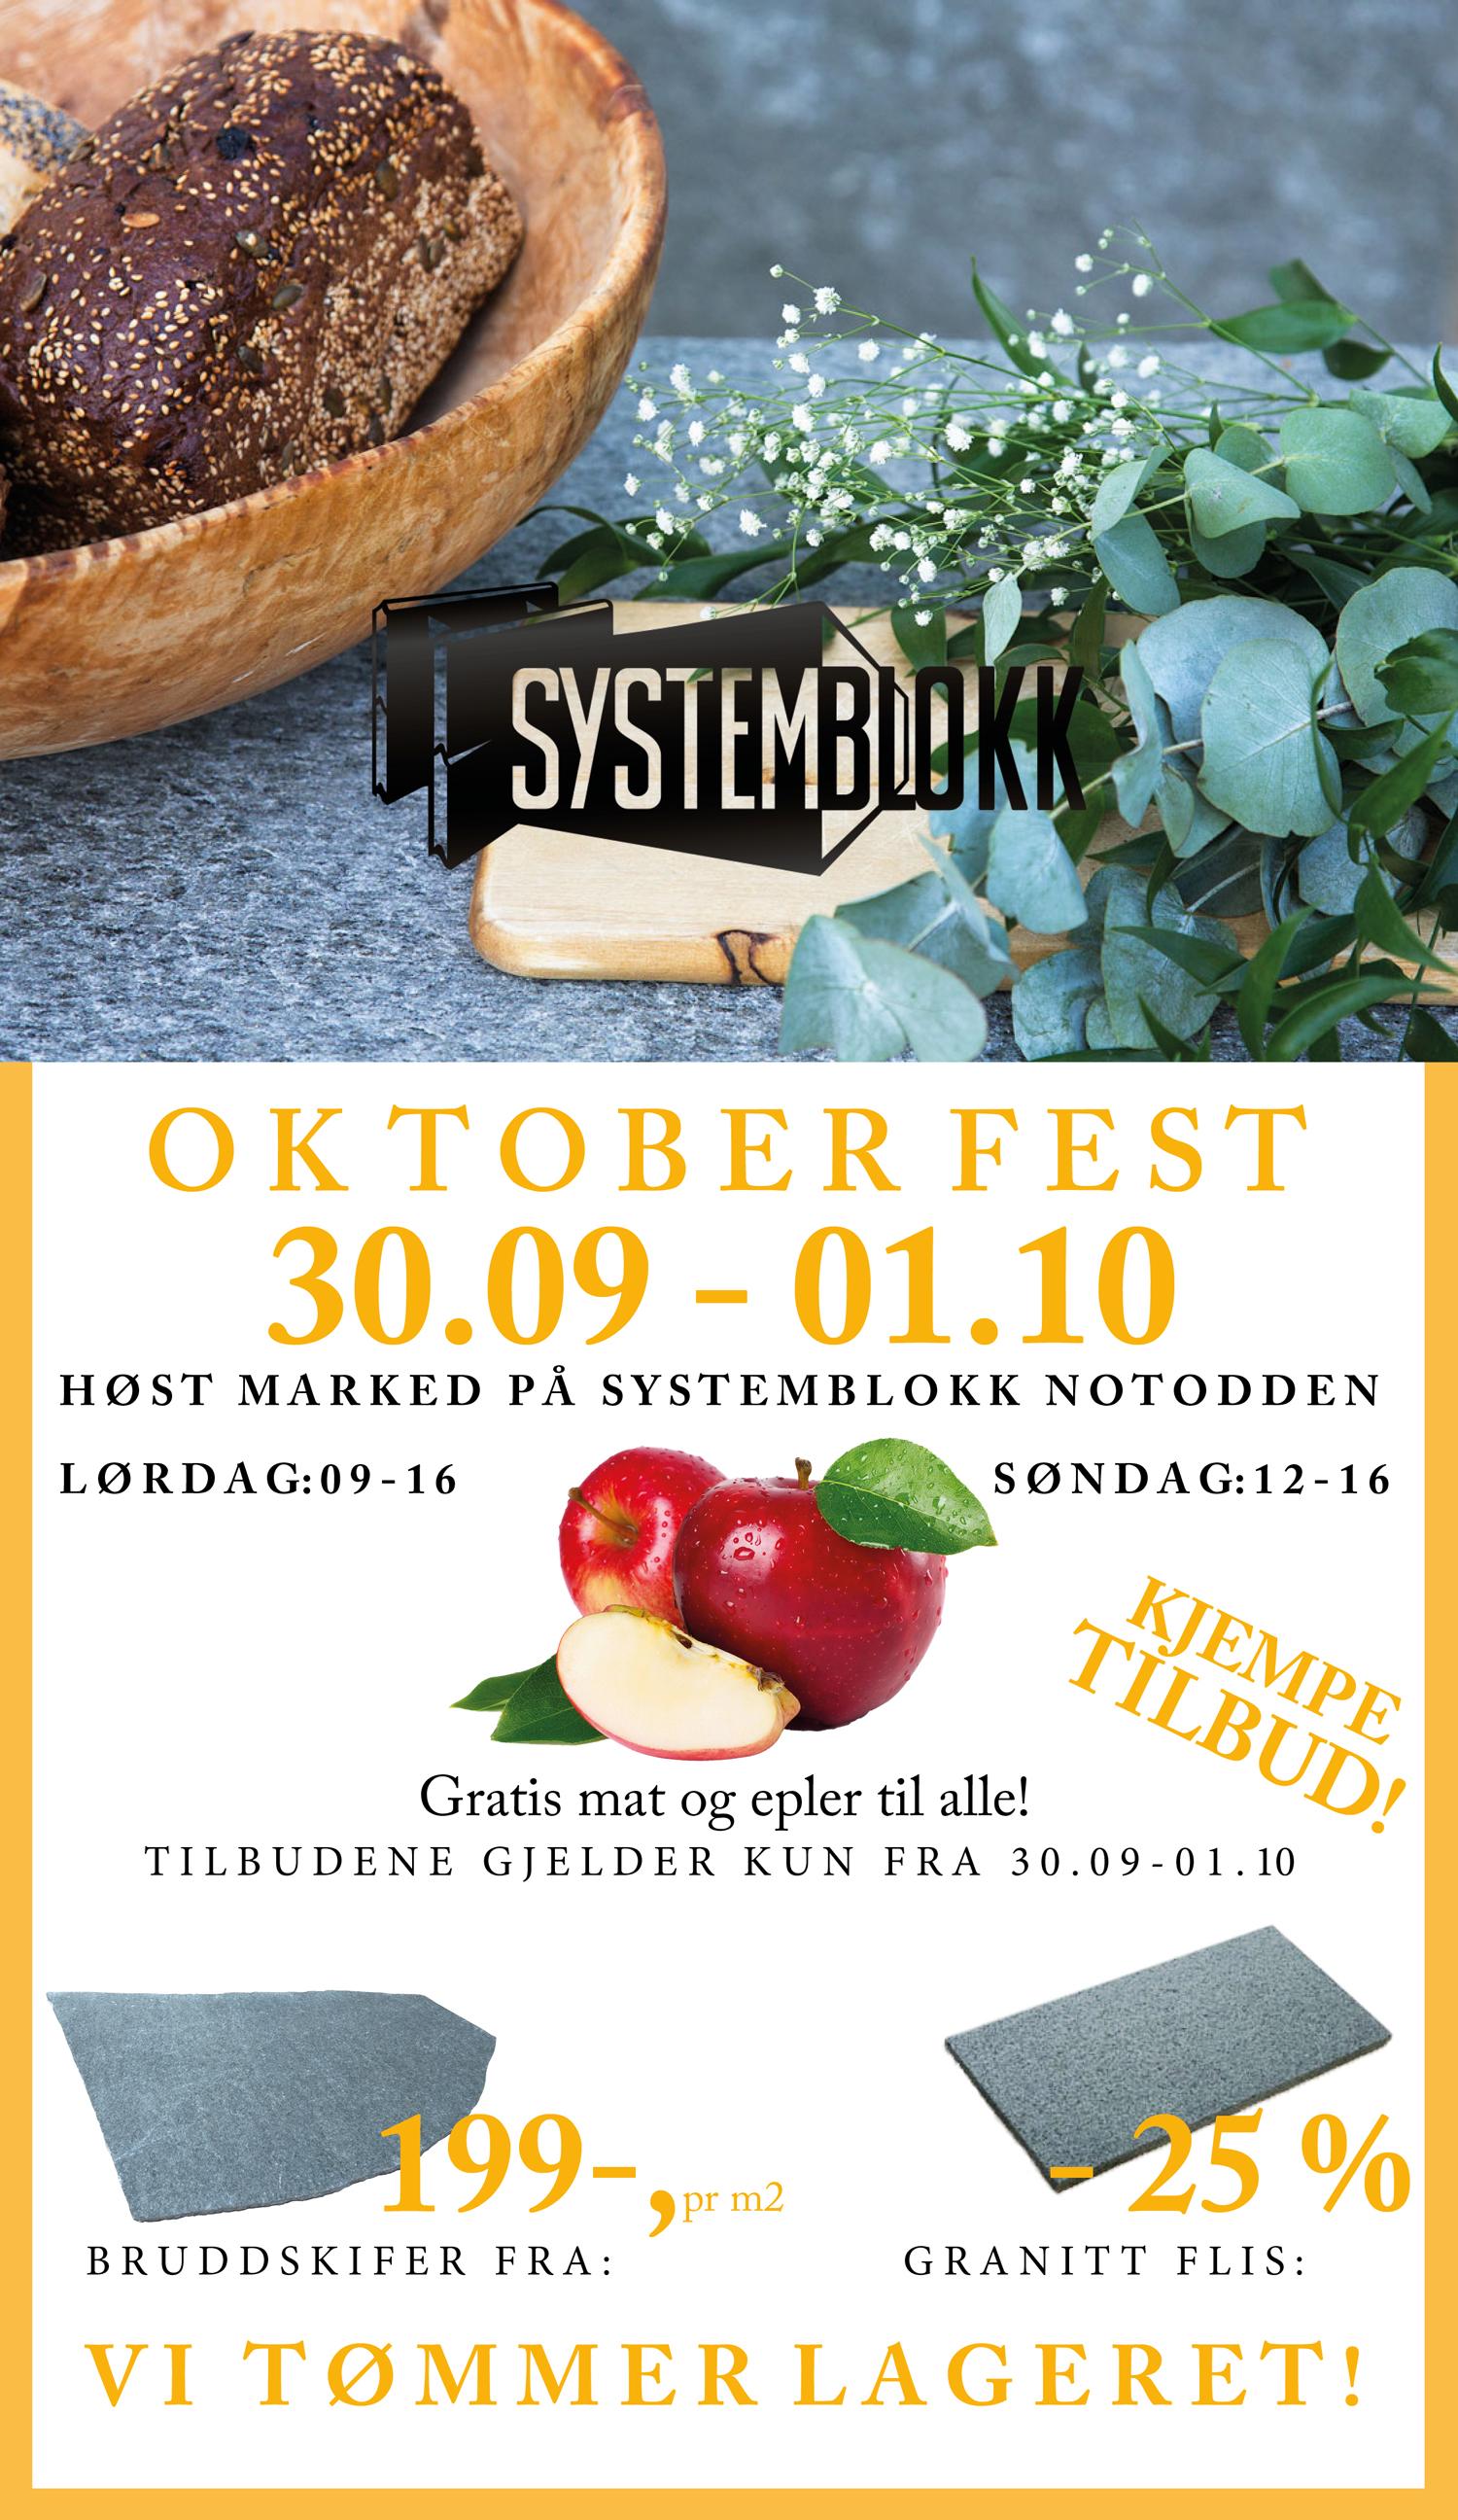 Oktoberfest - tilbud - systemblokk